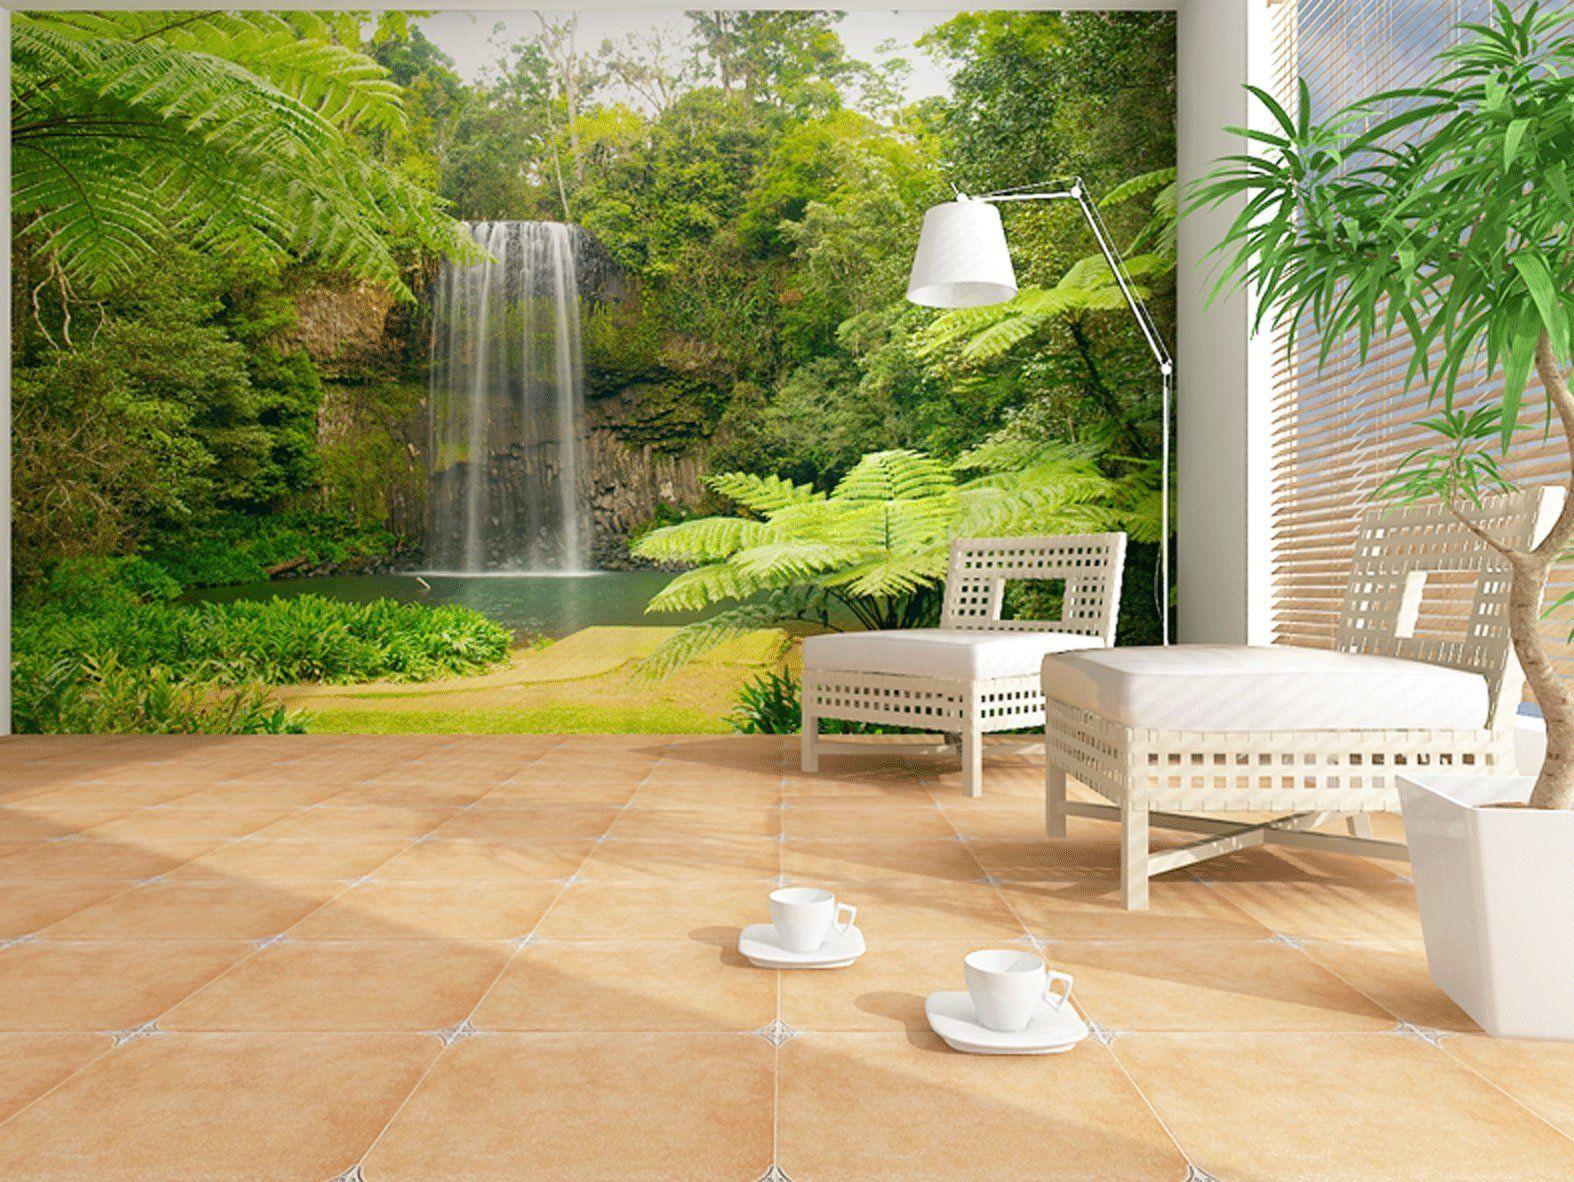 fototapete tropischer wasserfall gr e 360 x 270 cm